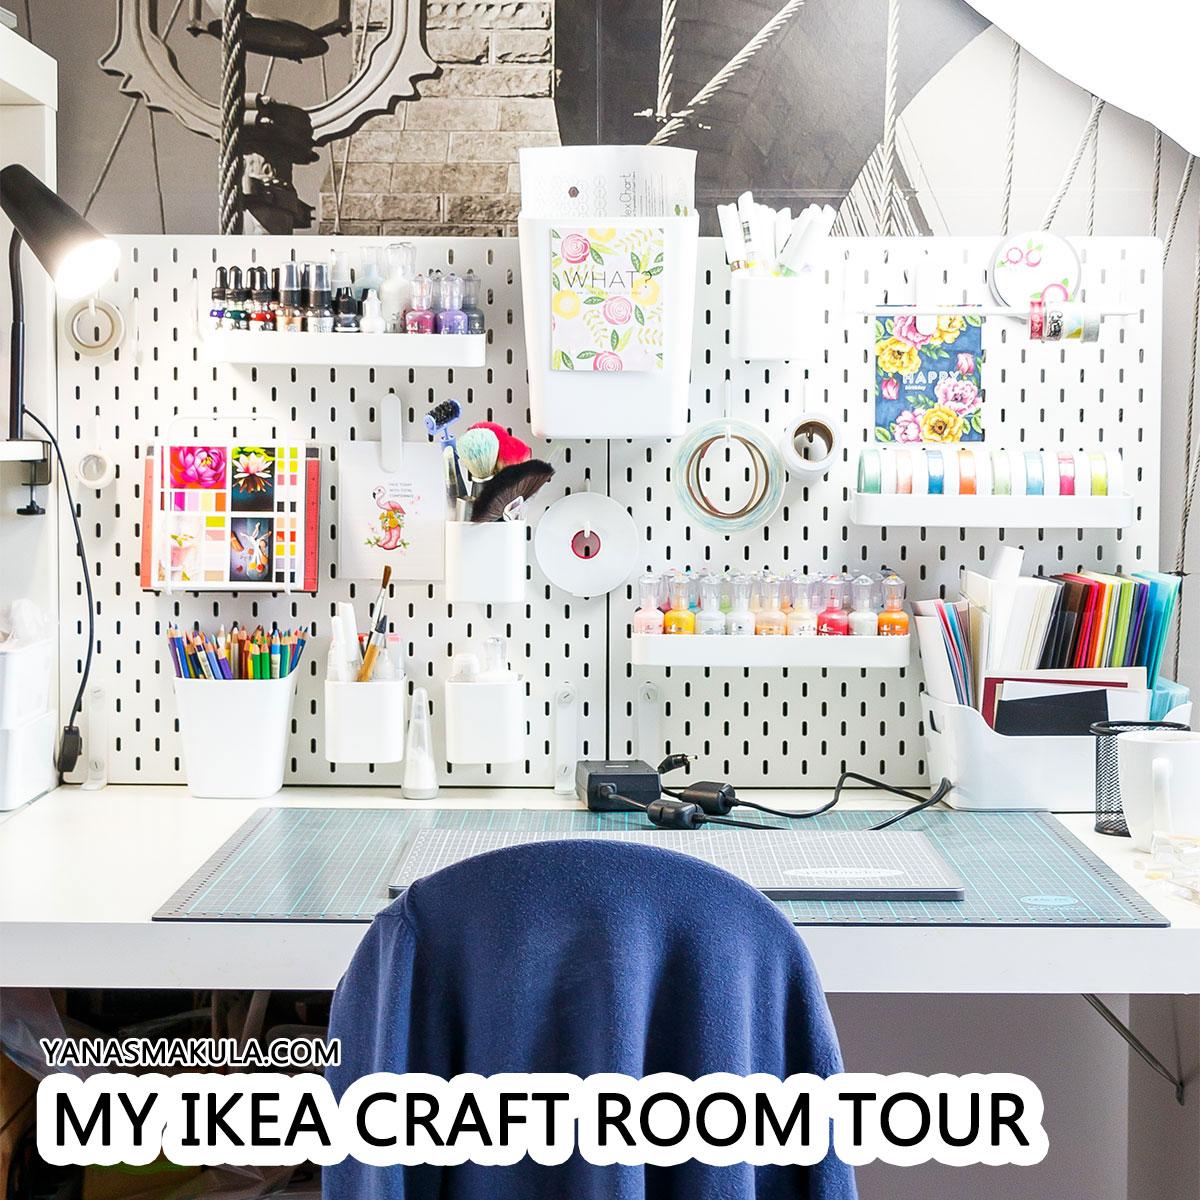 My Ikea Craft Room Craft Corner Tour 2018 Yana Smakula